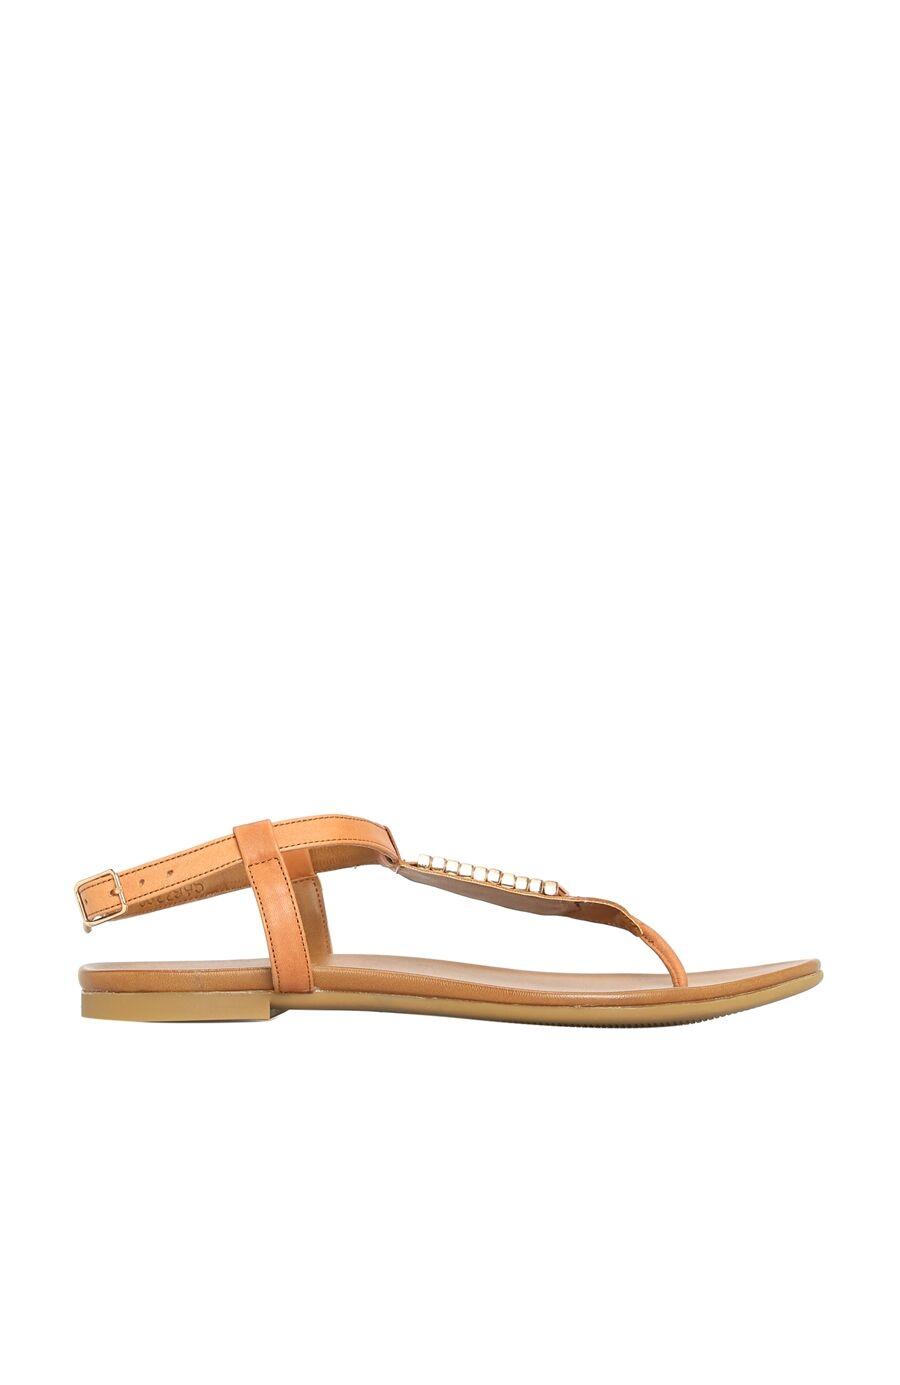 Dıvarese Taşlı Taba Sandalet – 399.0 TL